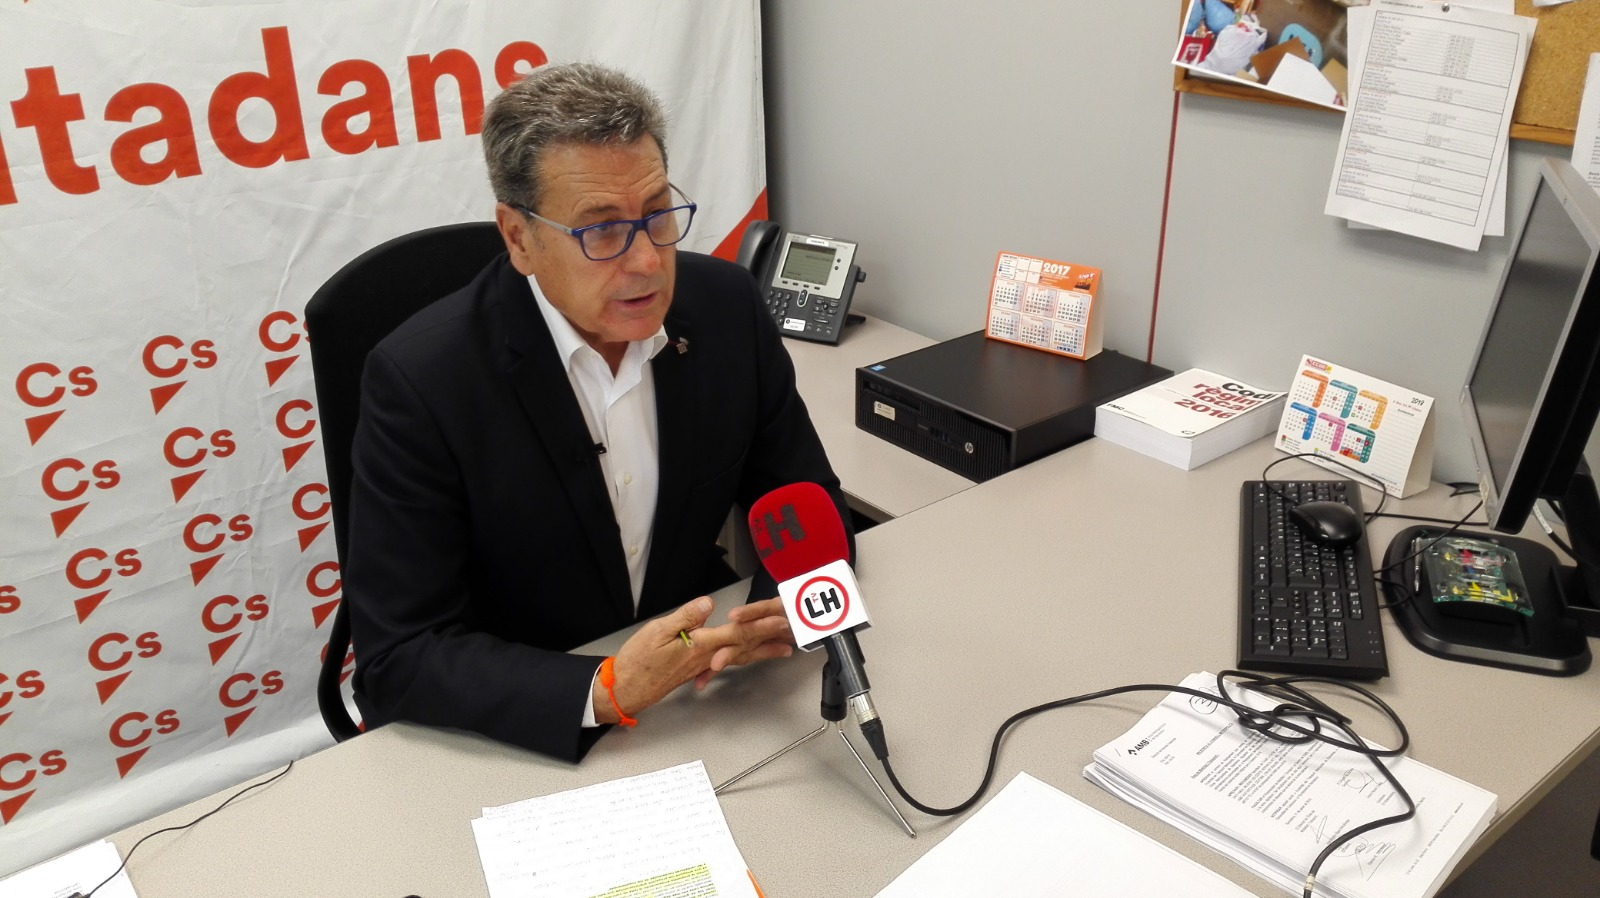 El portavoz de Ciudadanos (Cs) en el Ayuntamiento de l'Hospitalet de Llobregat